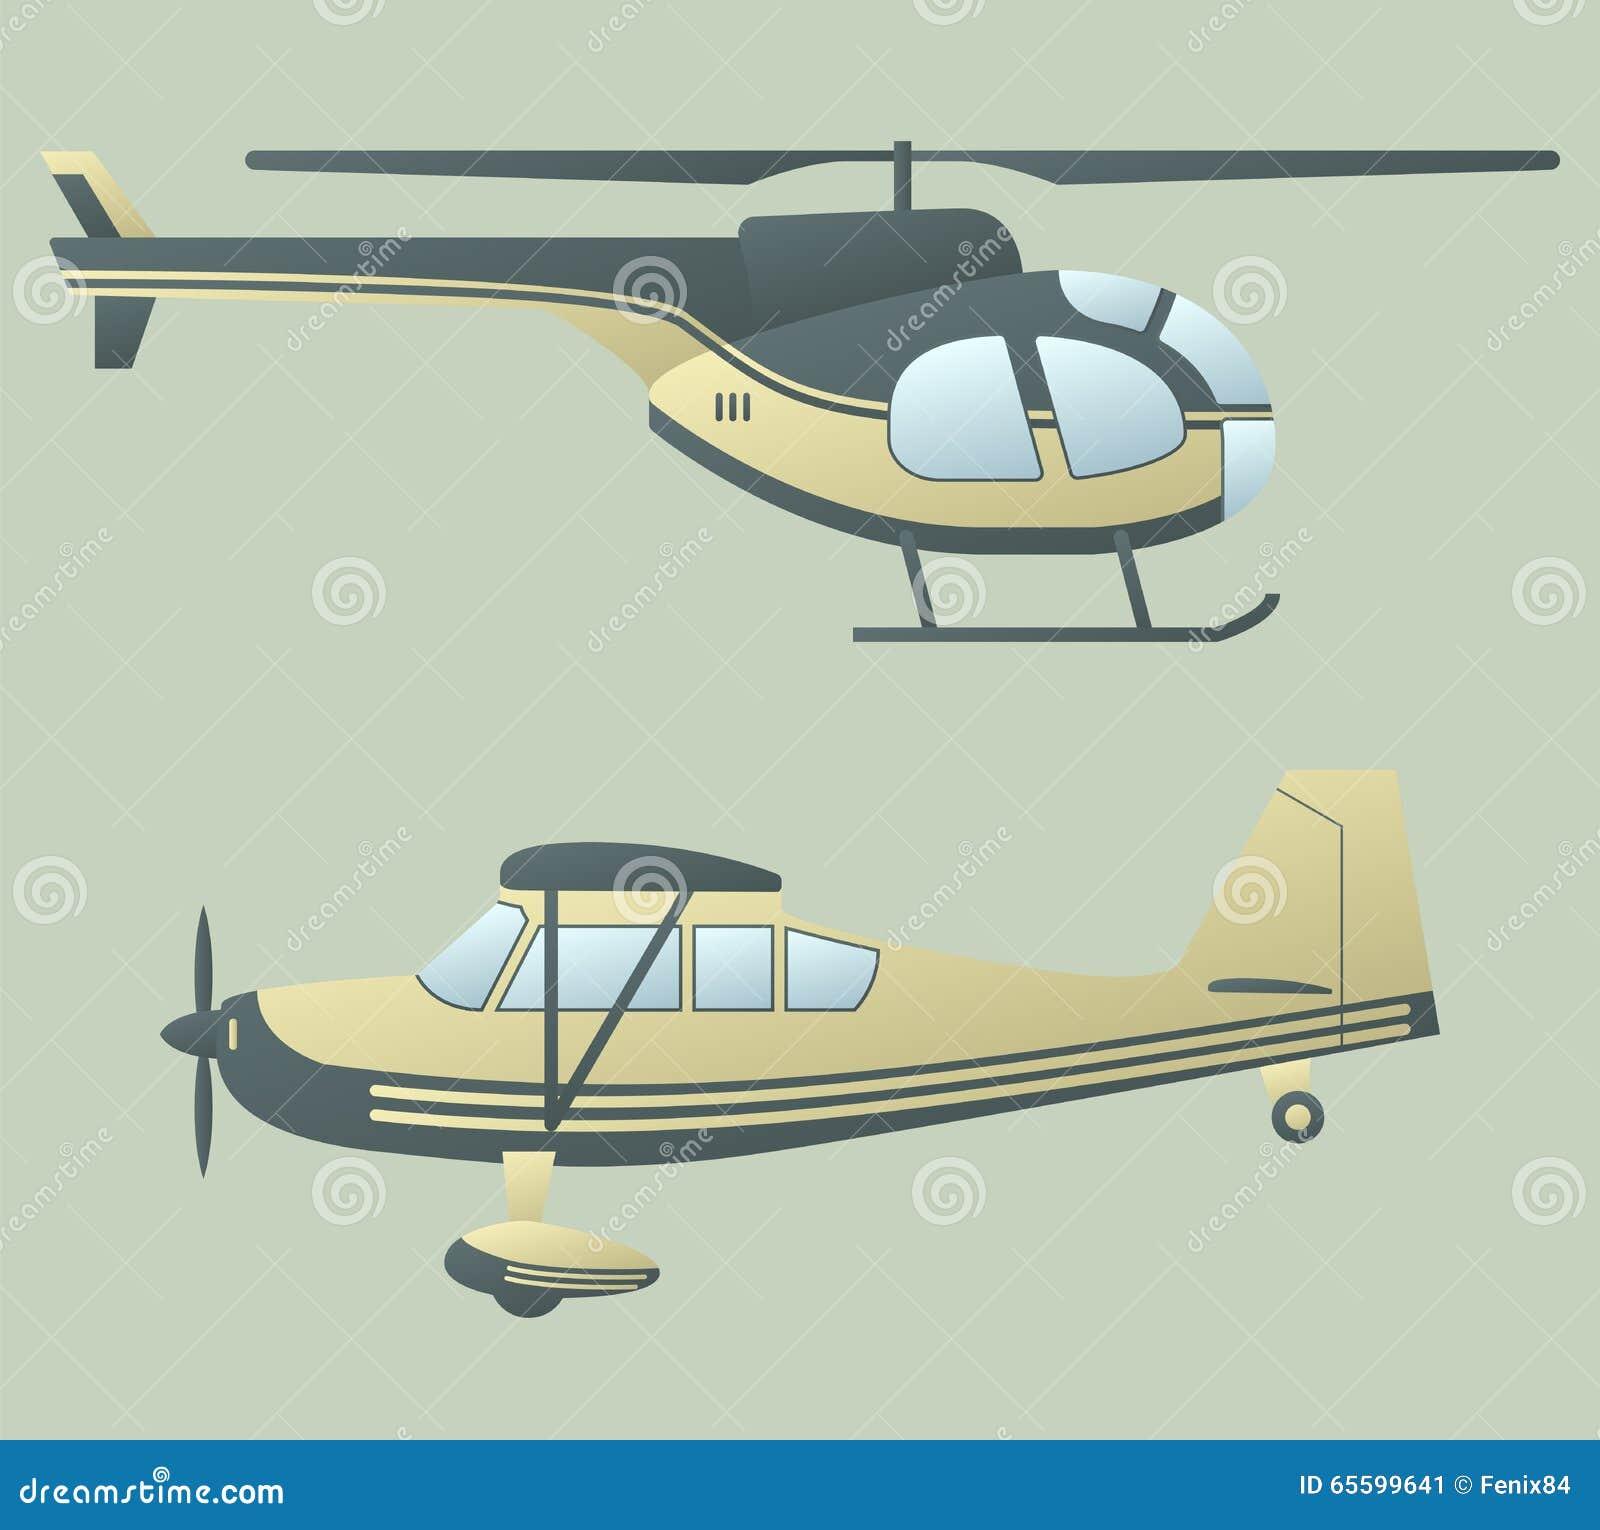 Aereo Ed Elicottero Illustrazione Vettoriale Illustrazione Di Verde